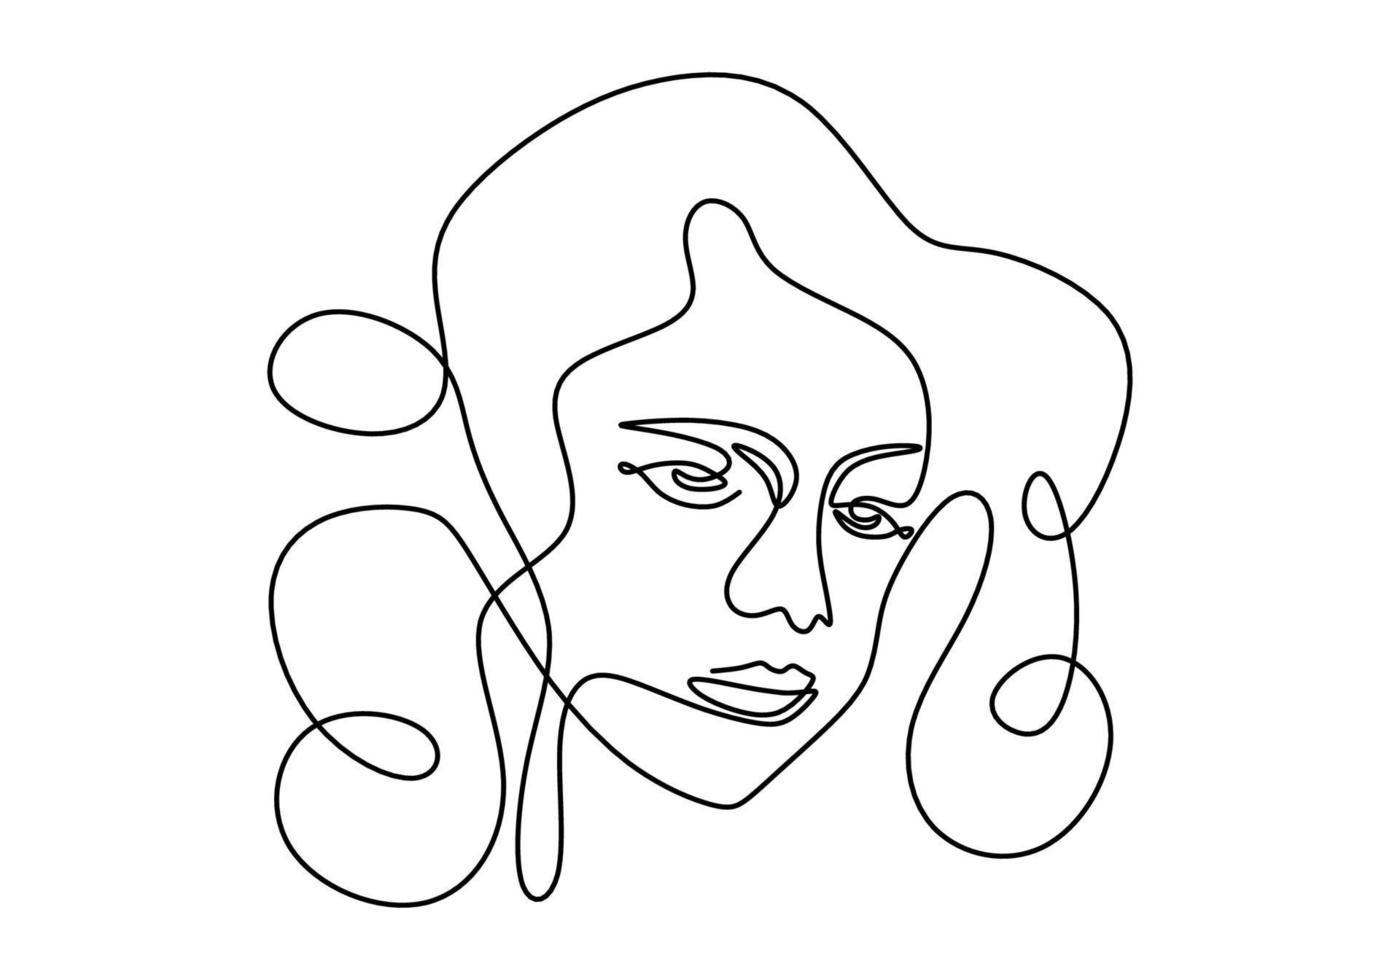 modelo de mulher jovem sorridente contínua de uma linha com cabelo encaracolado. logotipo de figura de beleza feminina isolado no fundo branco. amo seu estilo minimalista de auto-conceito. ilustração de desenho vetorial vetor